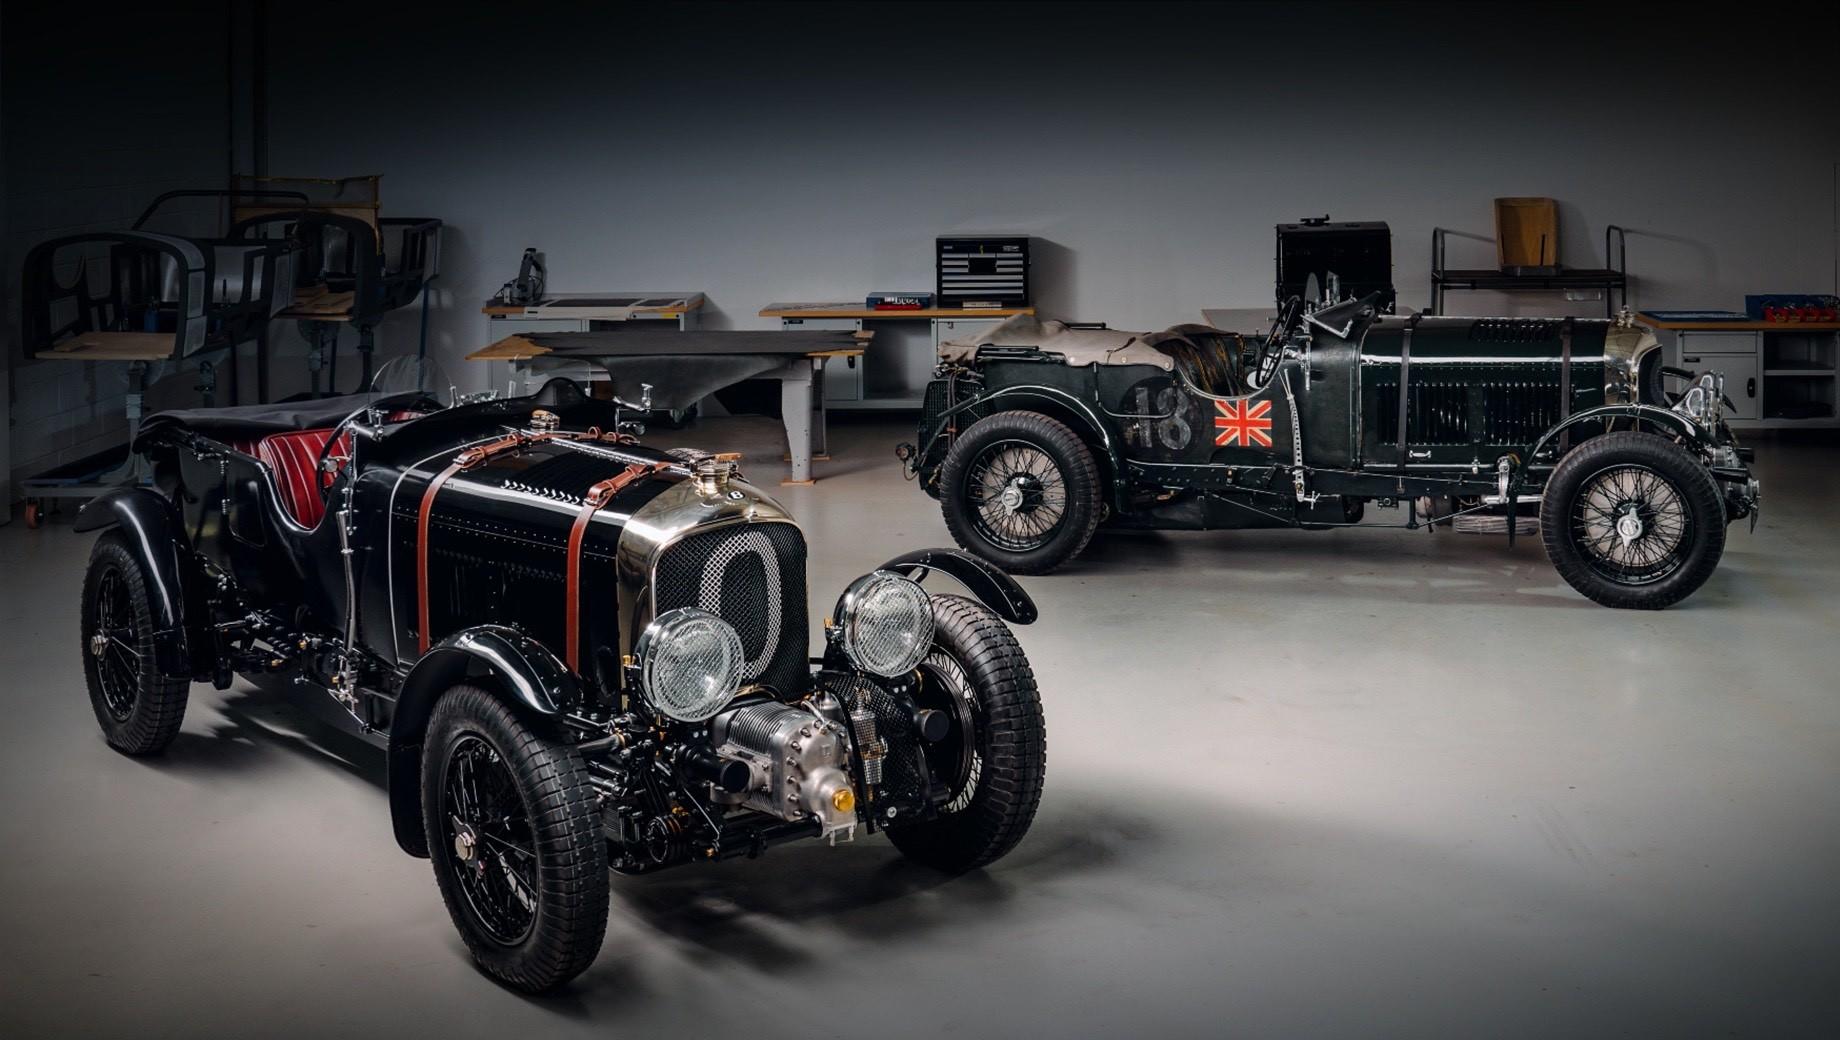 Bentley blower,Bentley car zero,Bentley blower continuation. Для создания первой модели Blower с 30-х годов оригинальный экземпляр Team Car №2 разобрали до винтика, а полученные детали отсканировали для создания 3D-материалов. Всего для проекта воссоздали 1846 элементов, 230 из которых (например, двигатель) являются ещё и узловыми.